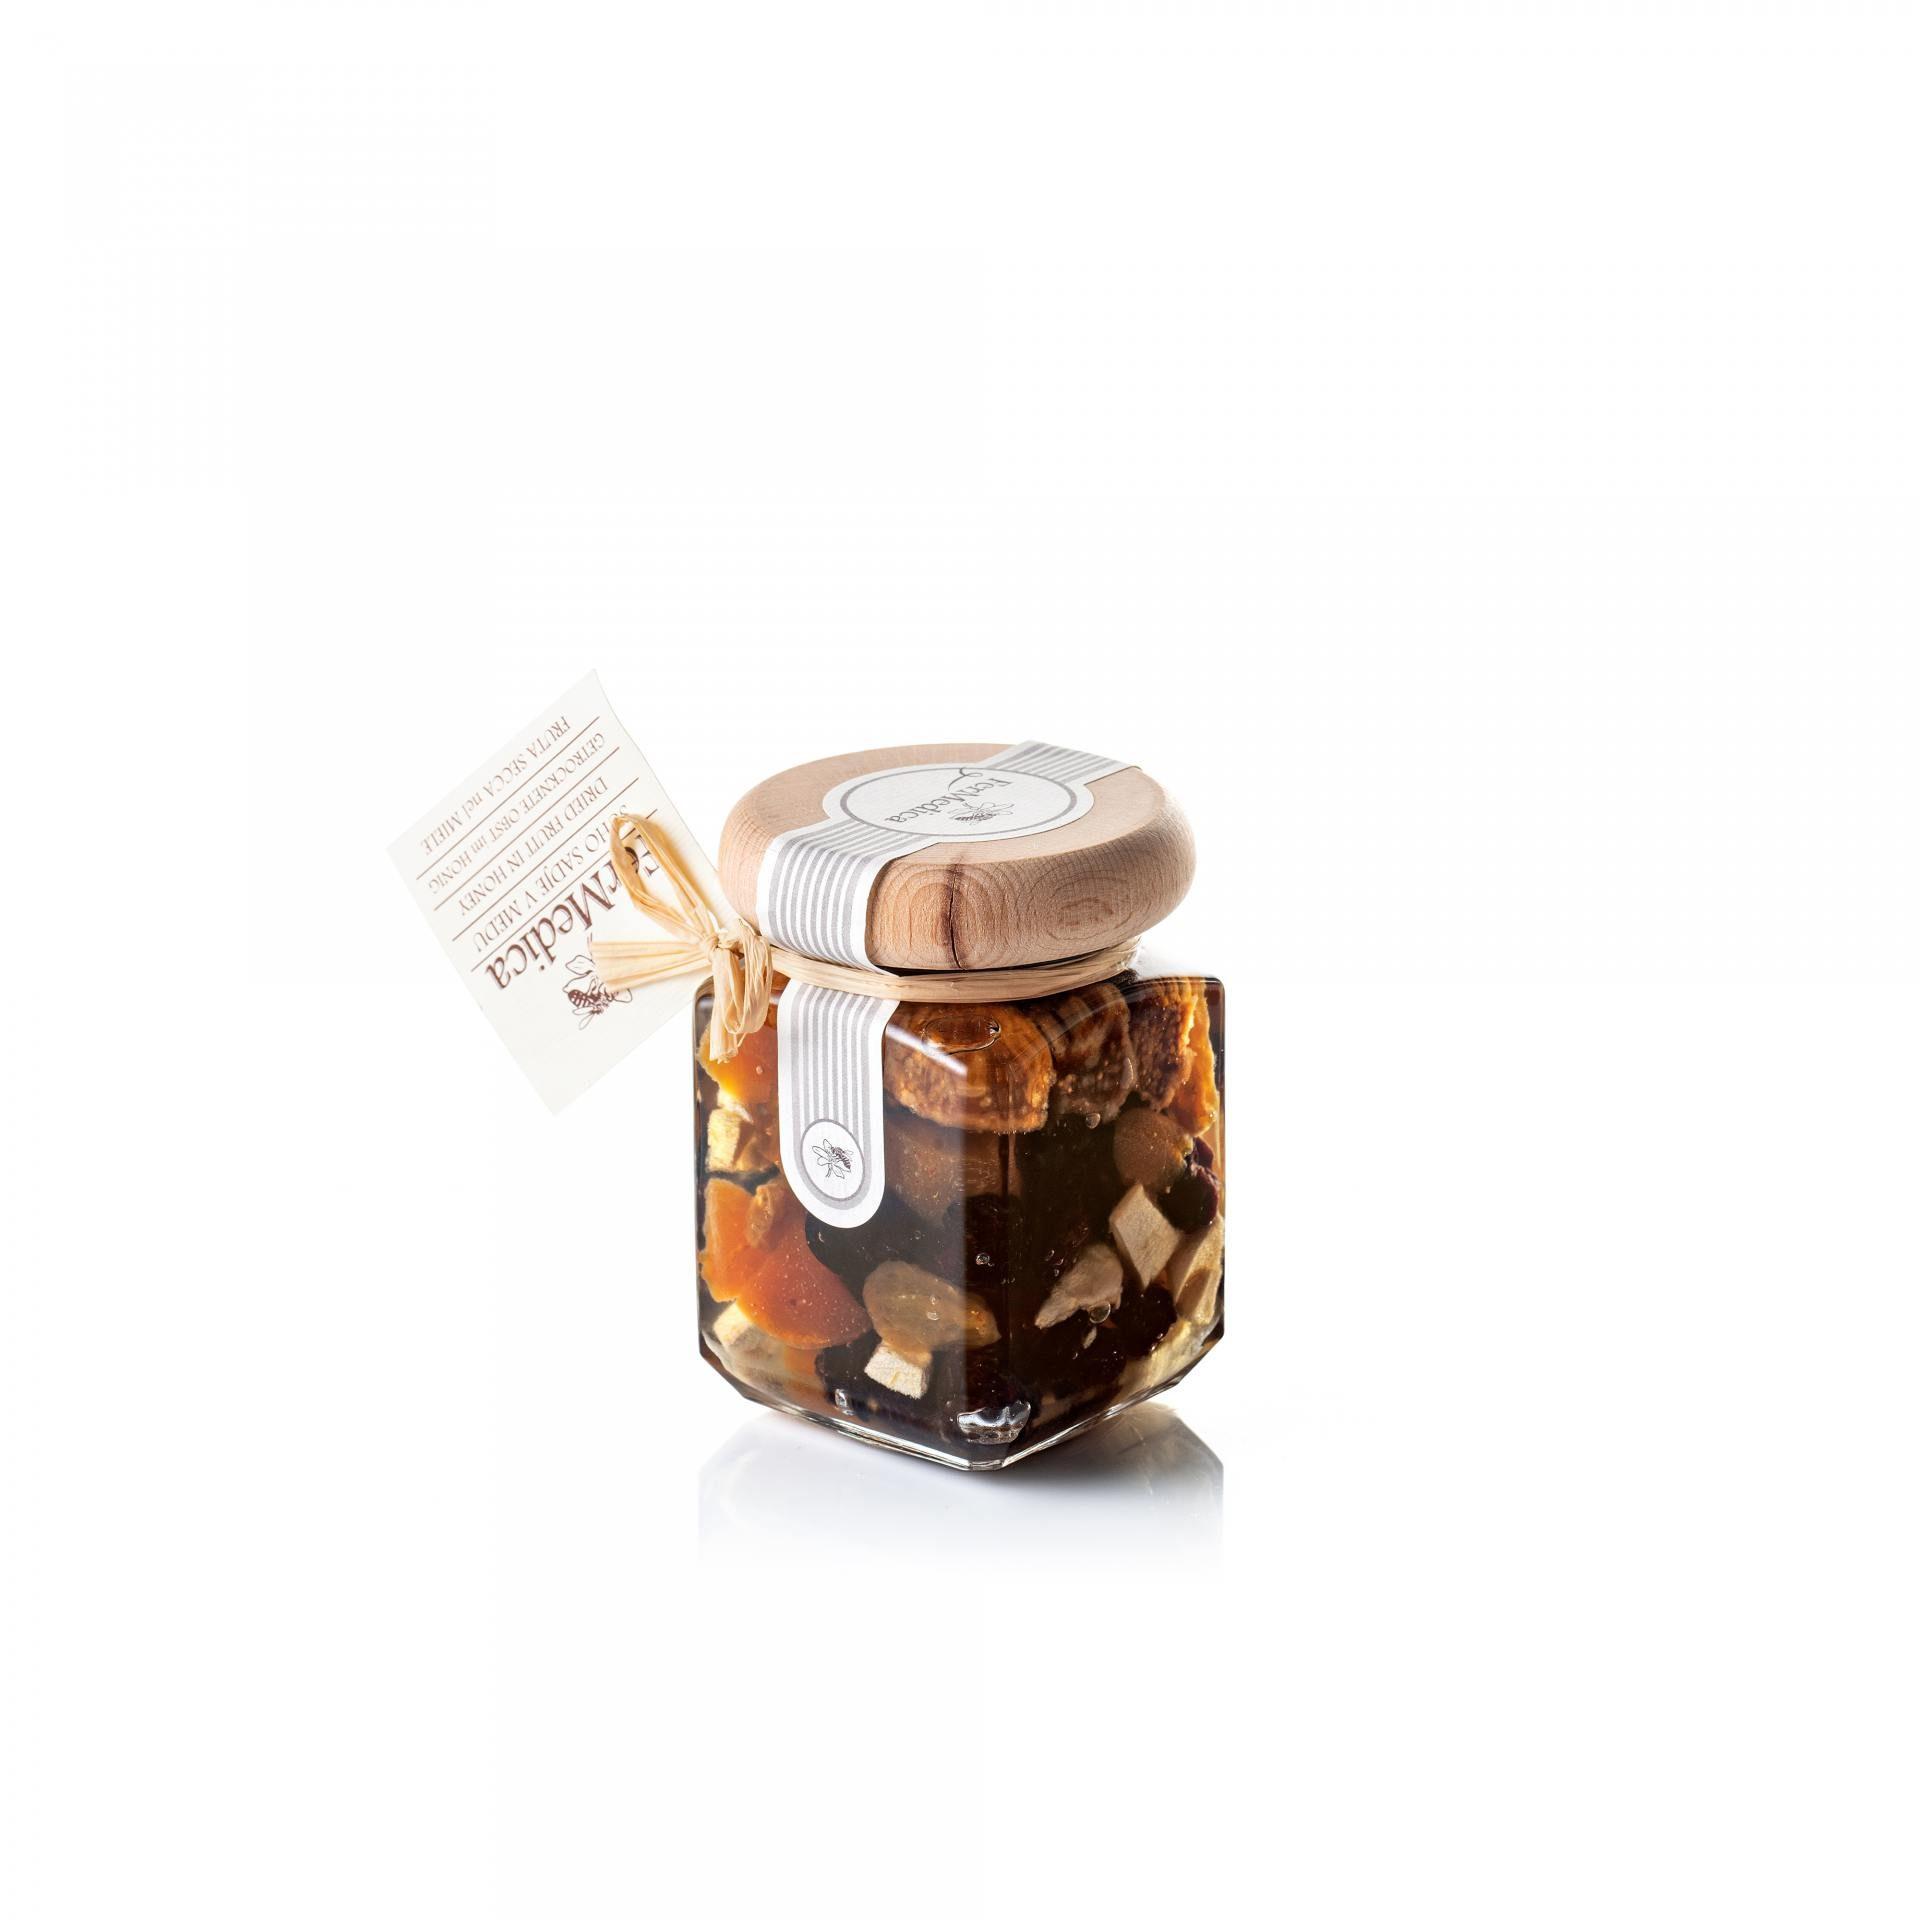 Med in žganje, med z dodatki, darilni seti v lični embalaži fermedica 75